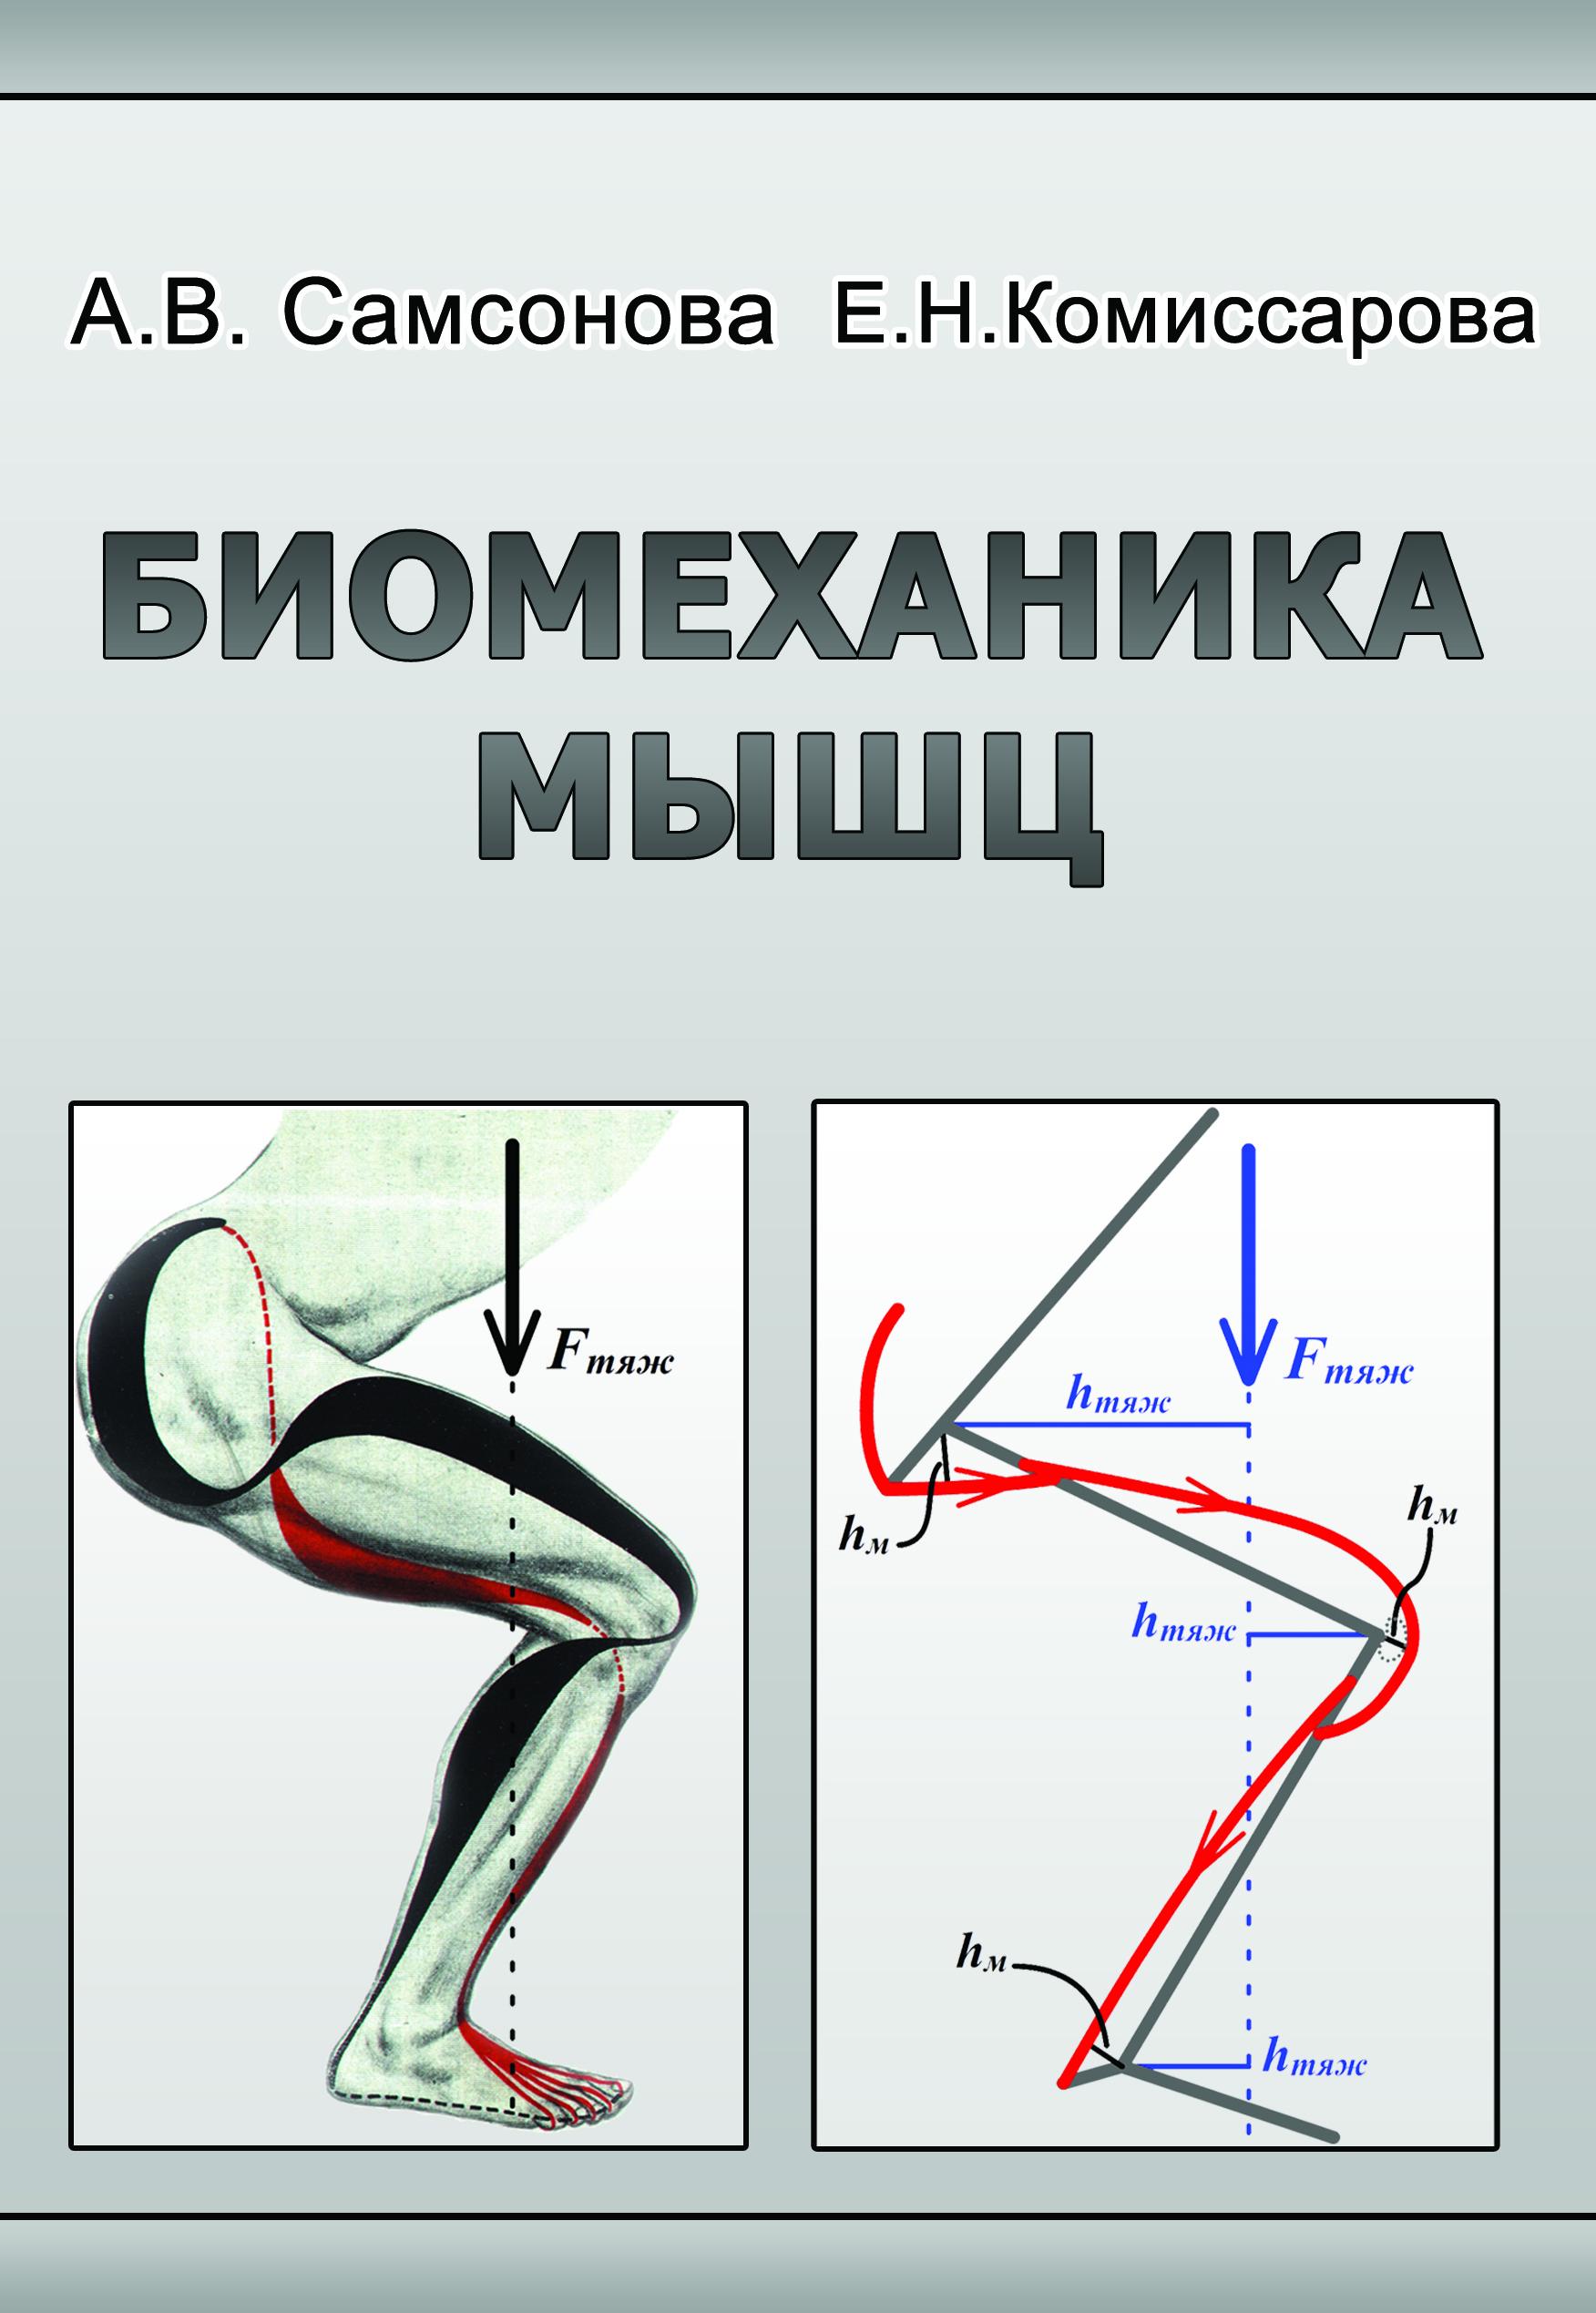 Книга Курысь Биомеханика скачать - картинка 2